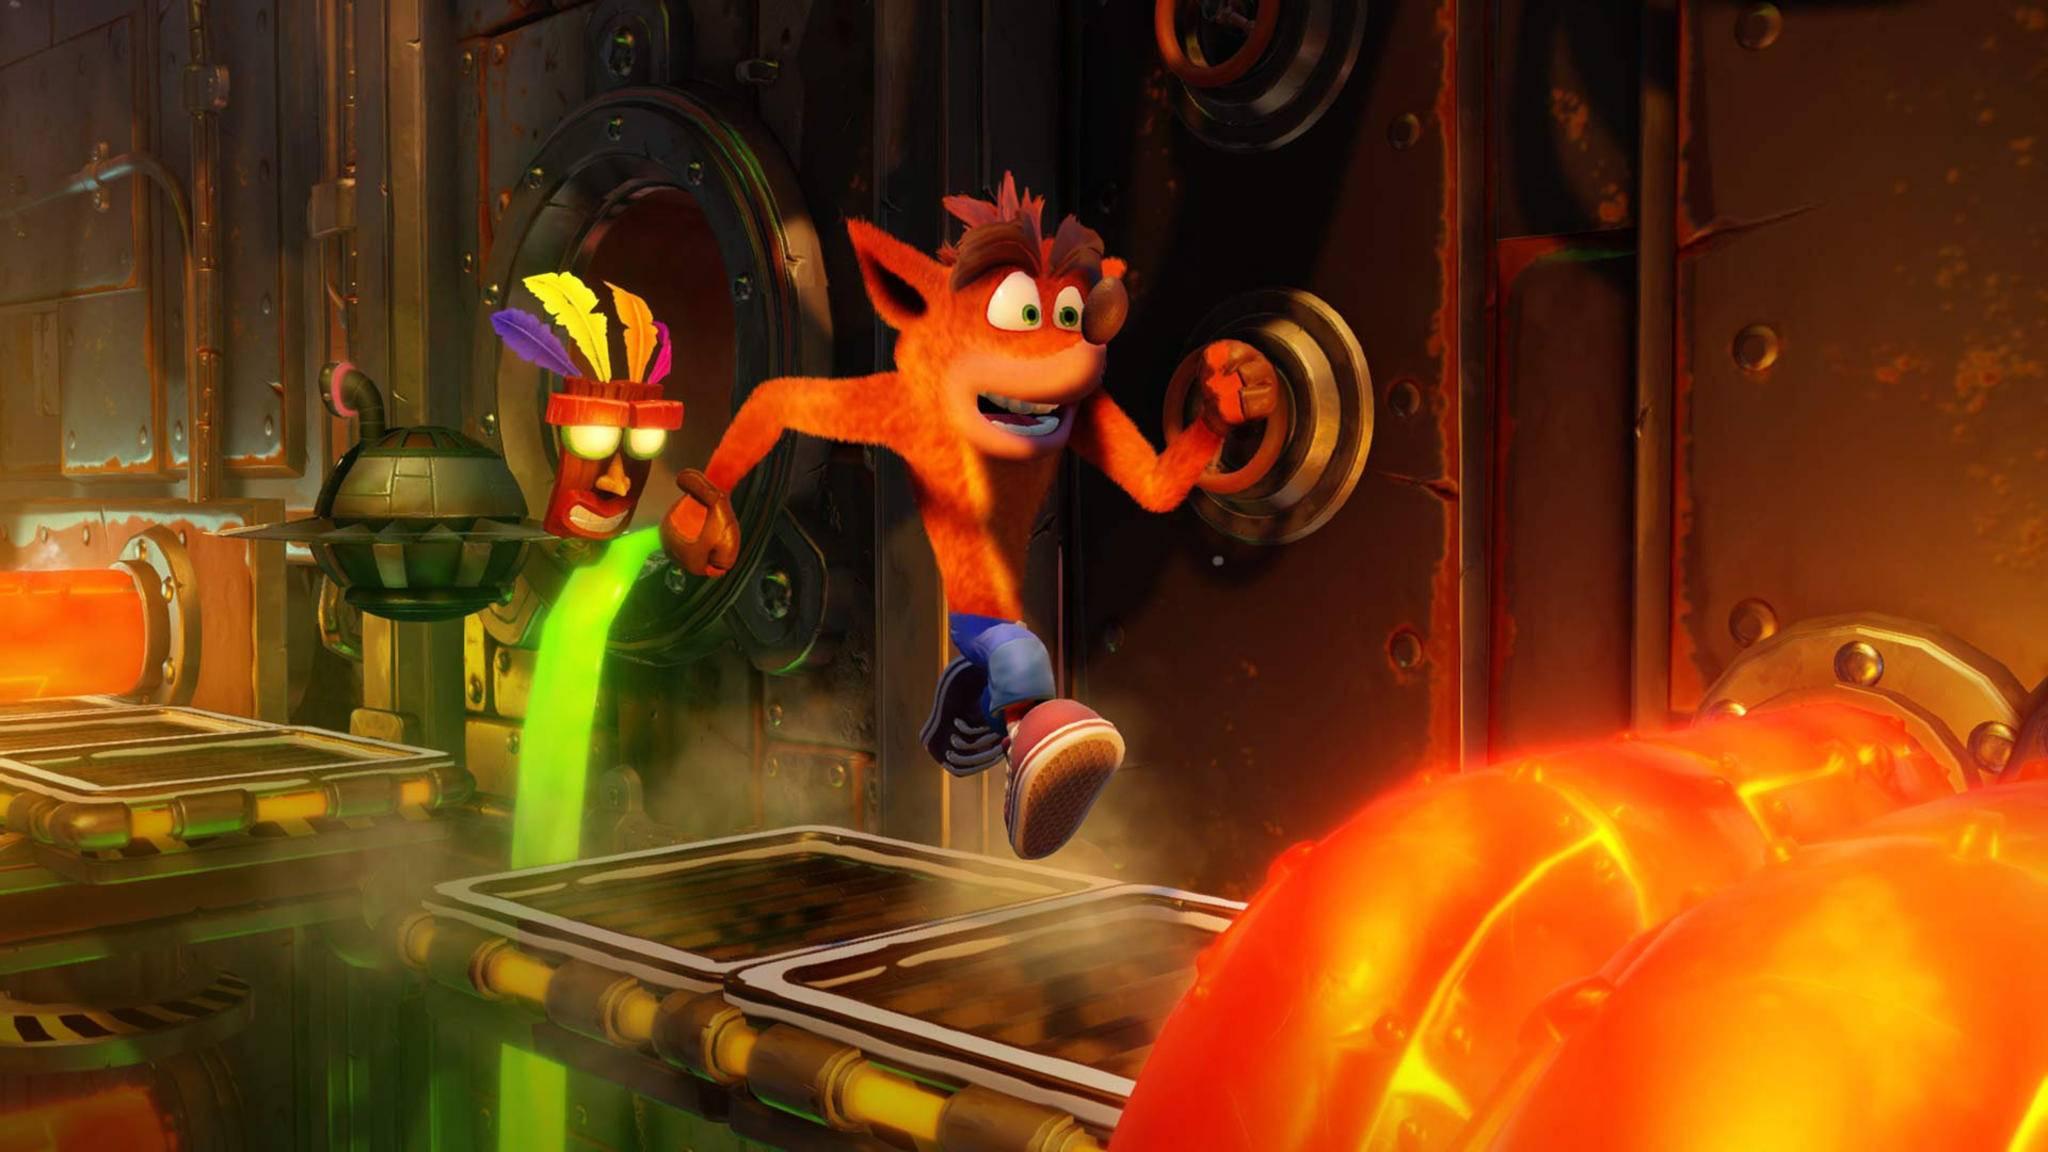 Crash erinnert an die guten alten Zeiten, als Spielfiguren noch ständig ins Jenseits verfrachtet wurden.